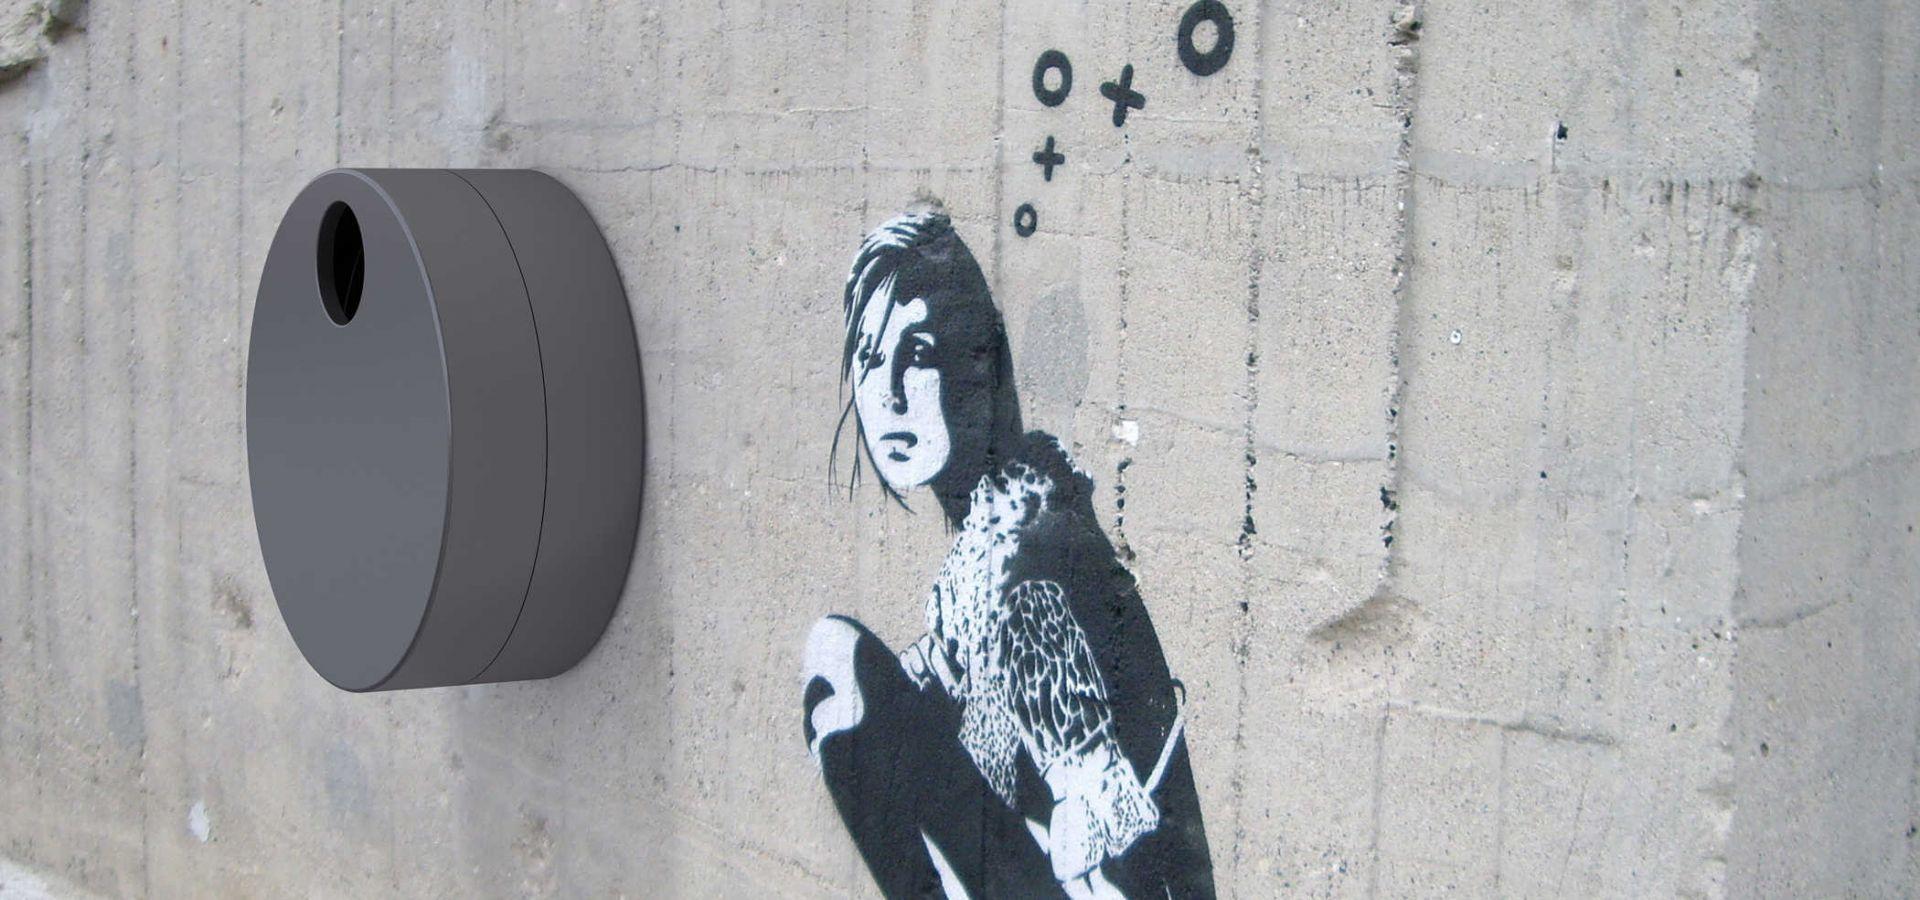 FLOM Corbeille de ville en acier / poubelle murale